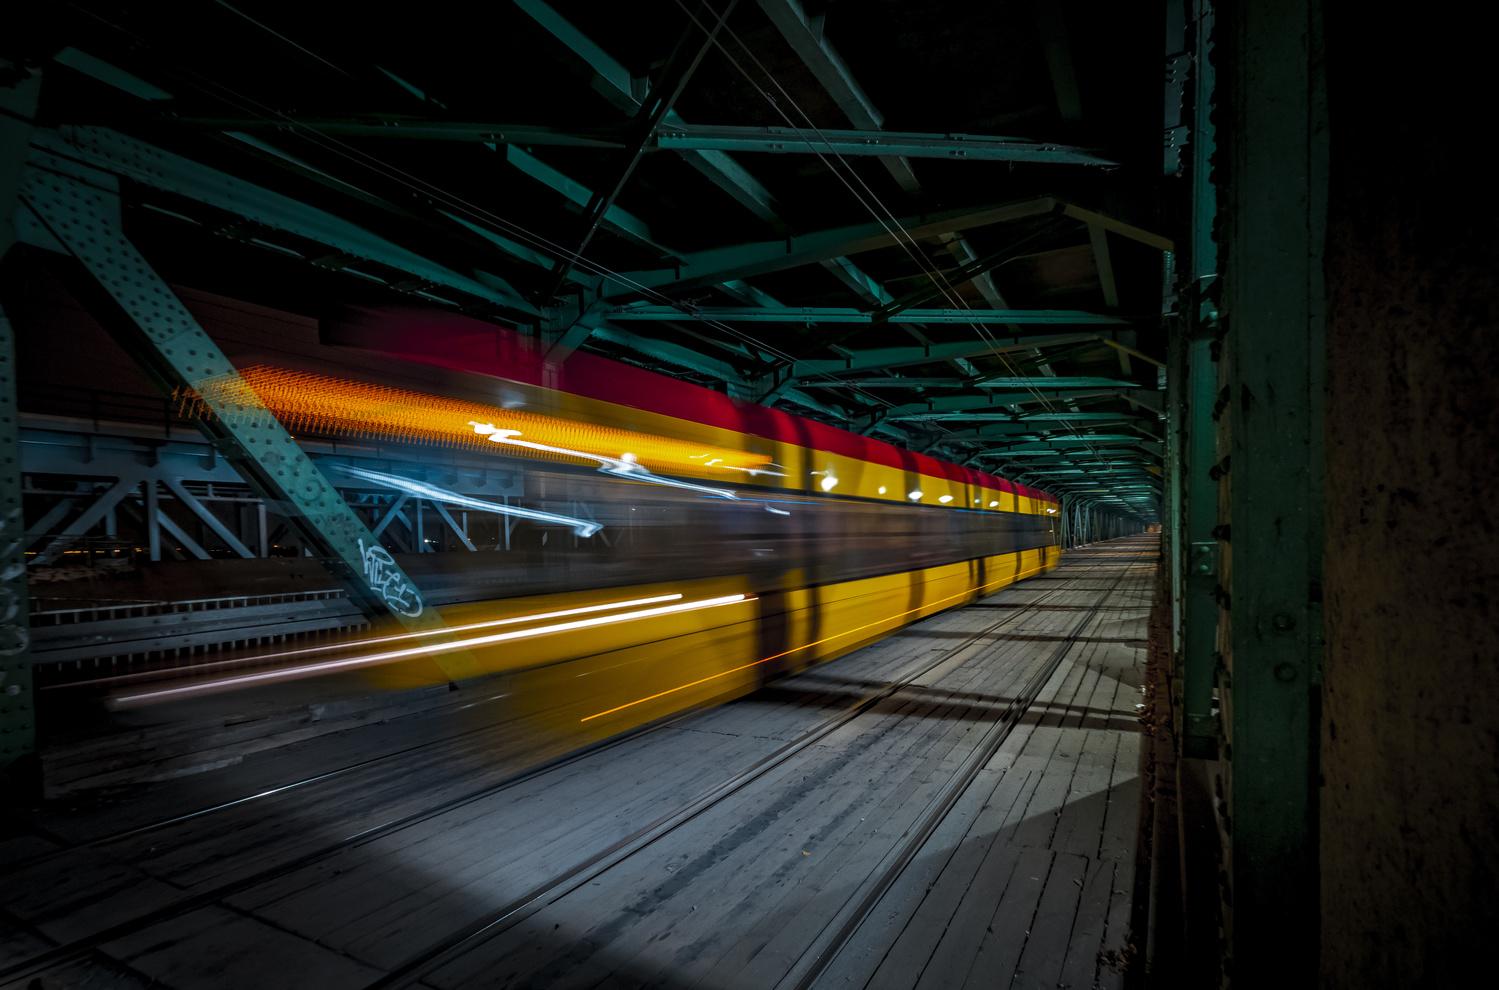 Bridge by Jerzy Wolochowicz